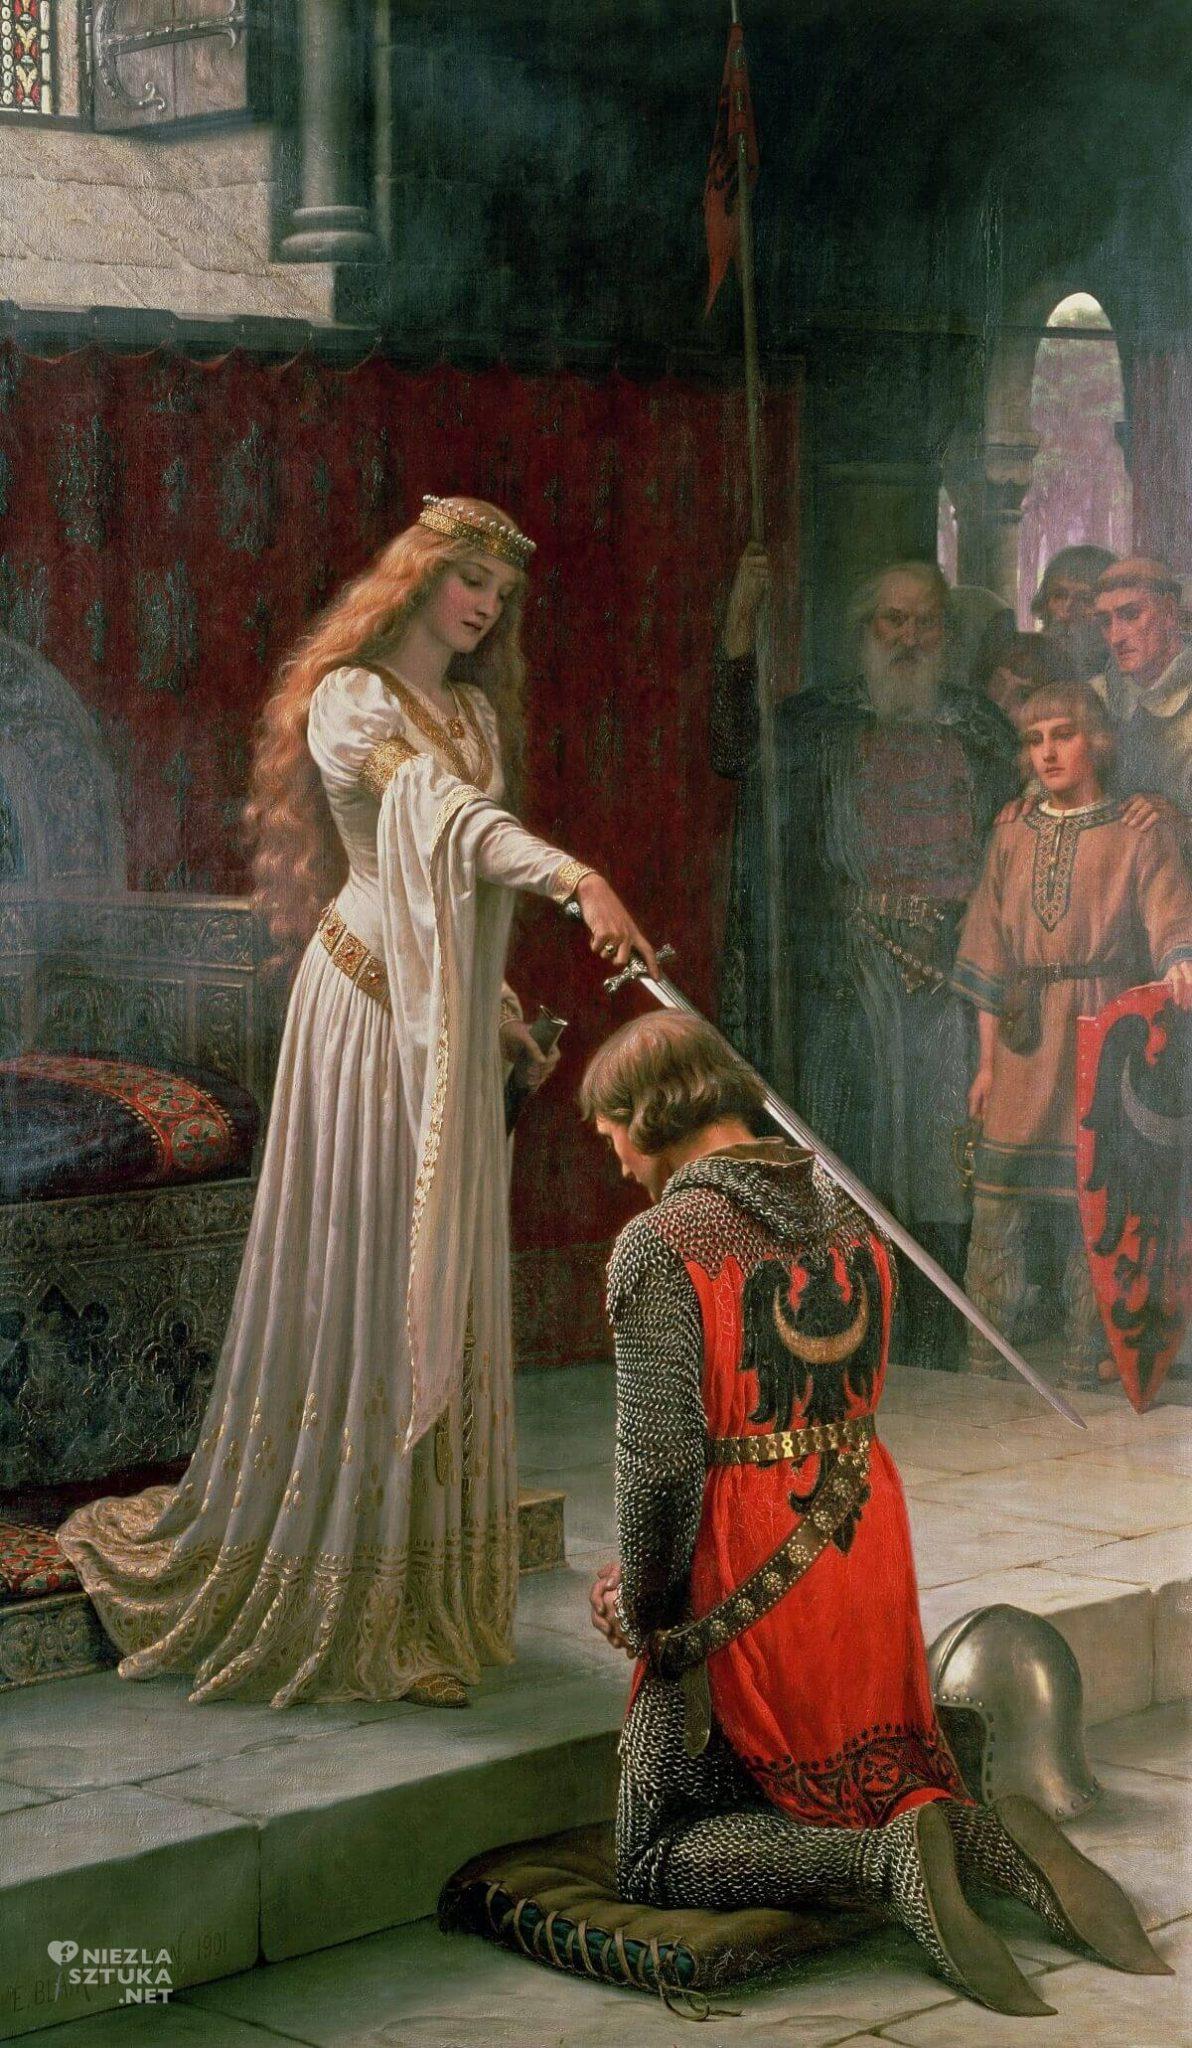 Edmund Leighton, Pasowanie na rycerza, prerafaelici, legenda króla Artura, legendy arturiańskie, Niezła sztuka